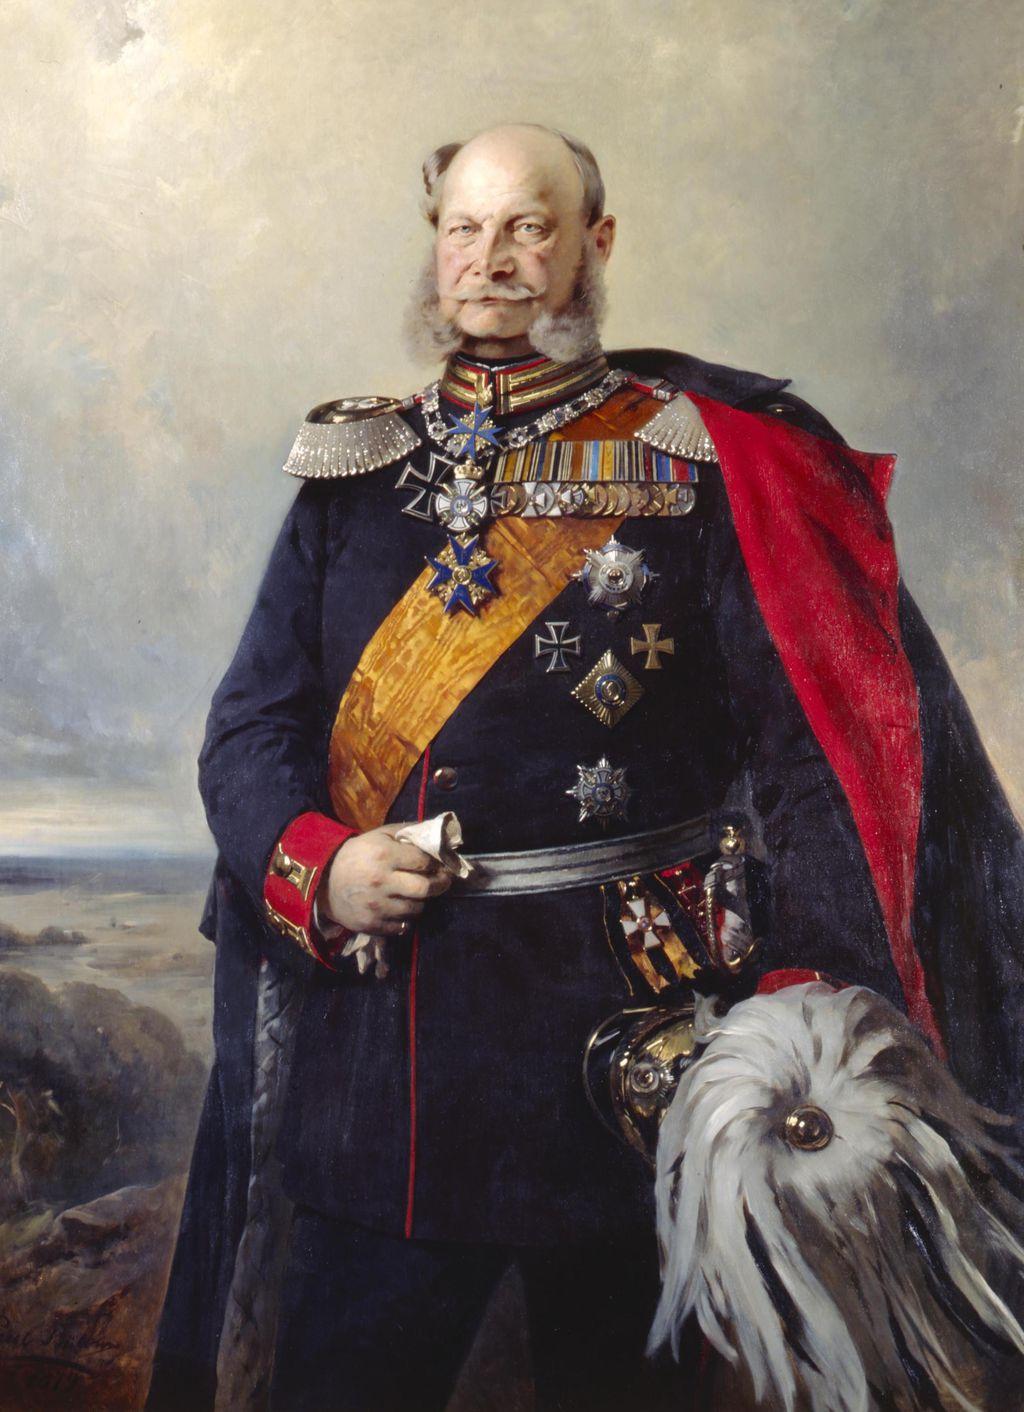 LeMO Bestand - Objekt - Kaiser Wilhelm I. in der Uniform eines Feldmarschalls des 1. Garderegiments zu Fuß, 1879